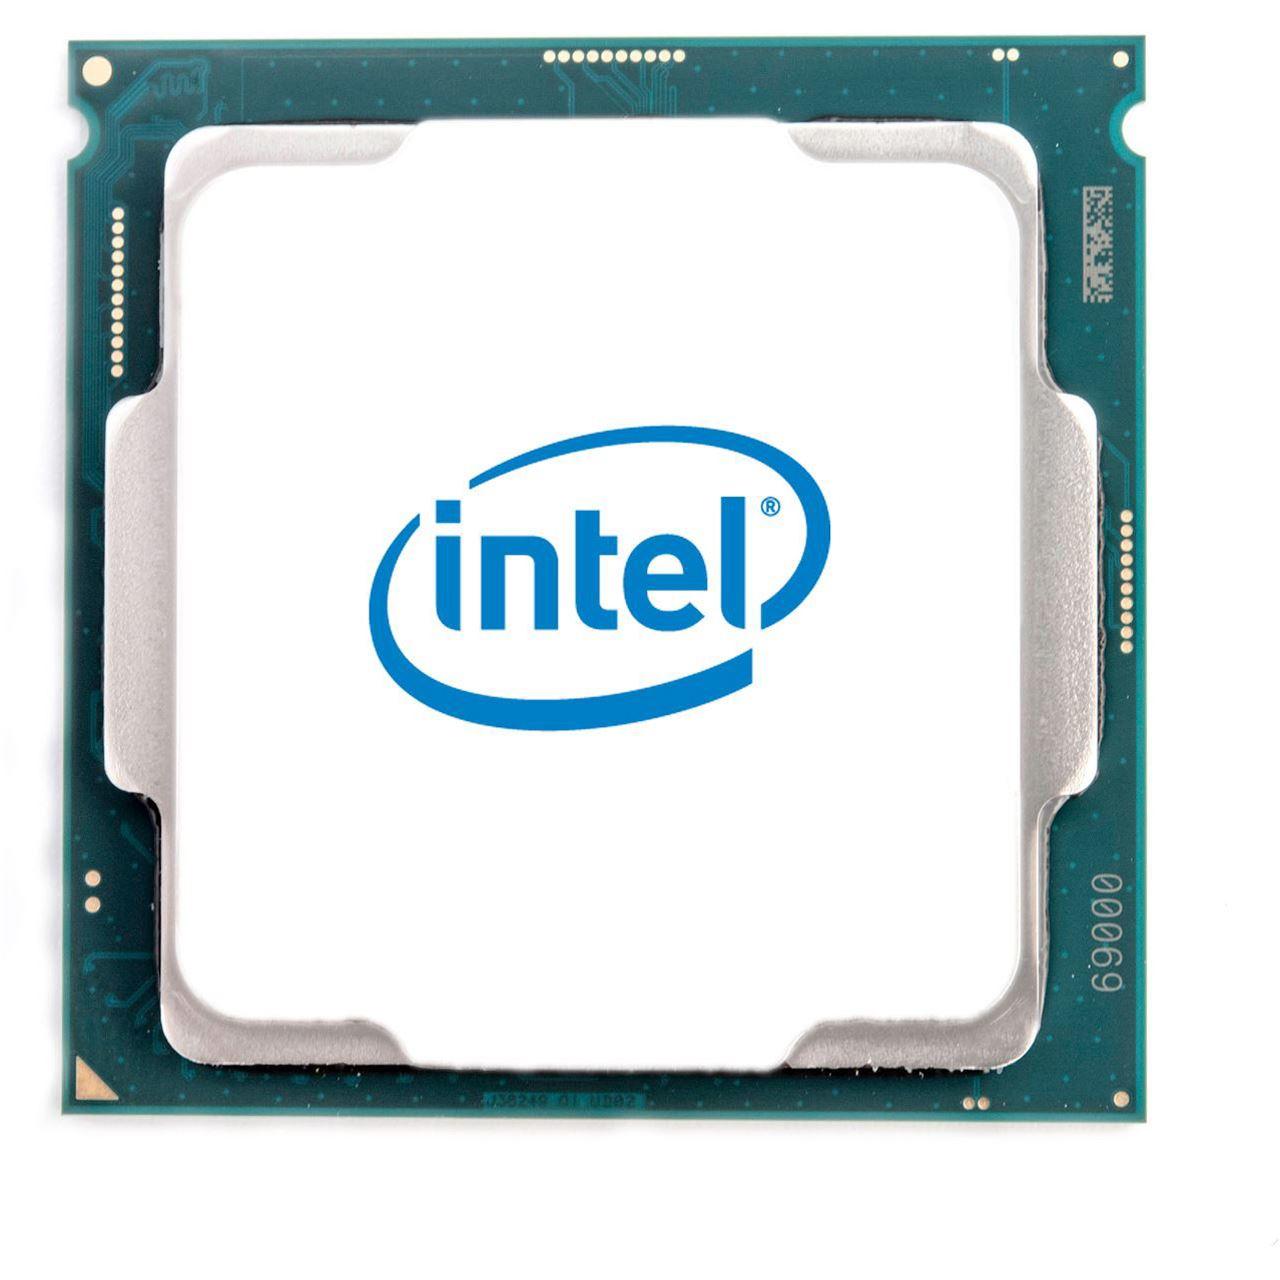 INTCP029916